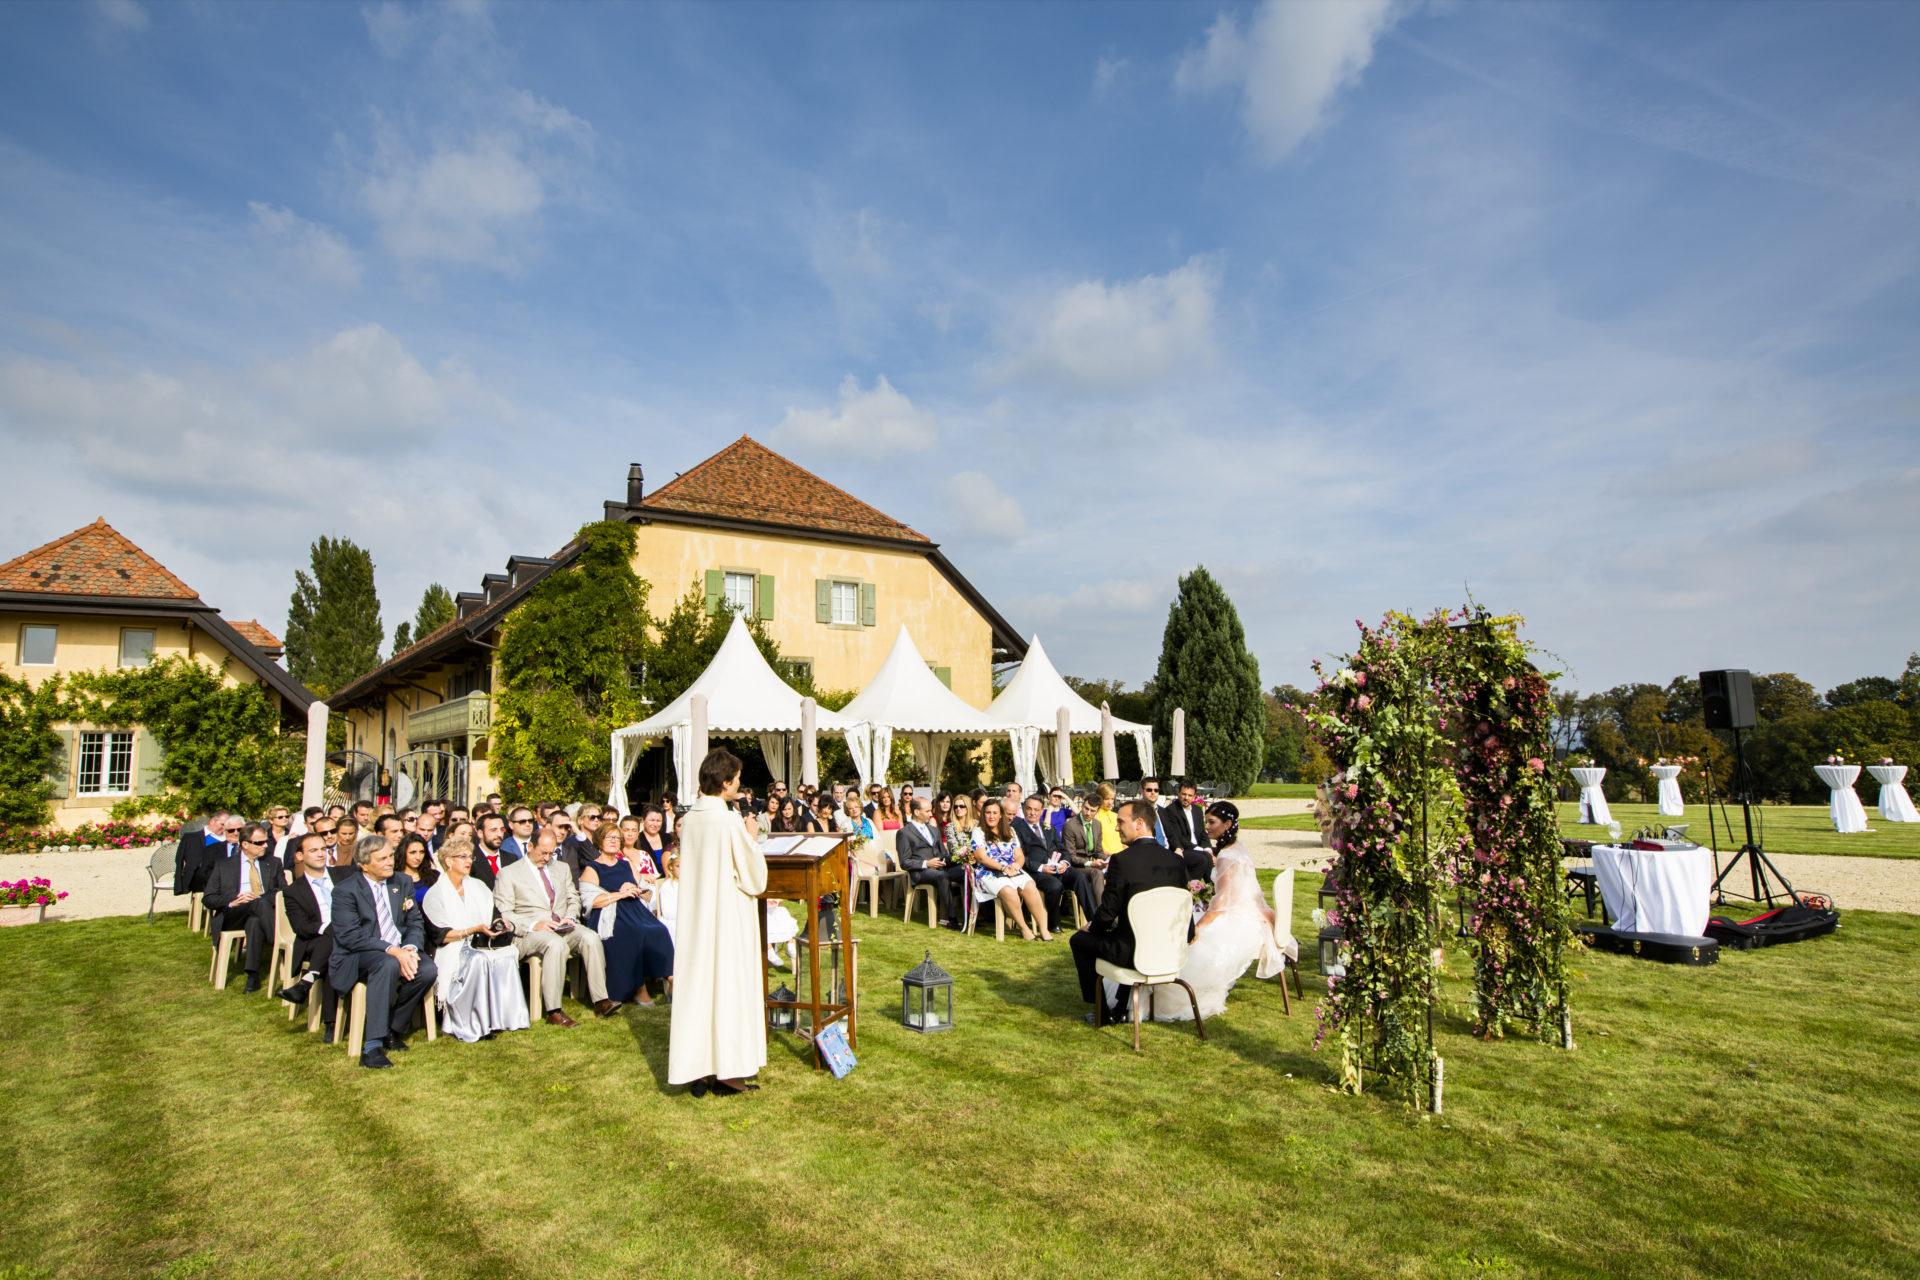 tlook 137 scaled - Quelle cérémonie choisir pour son mariage?